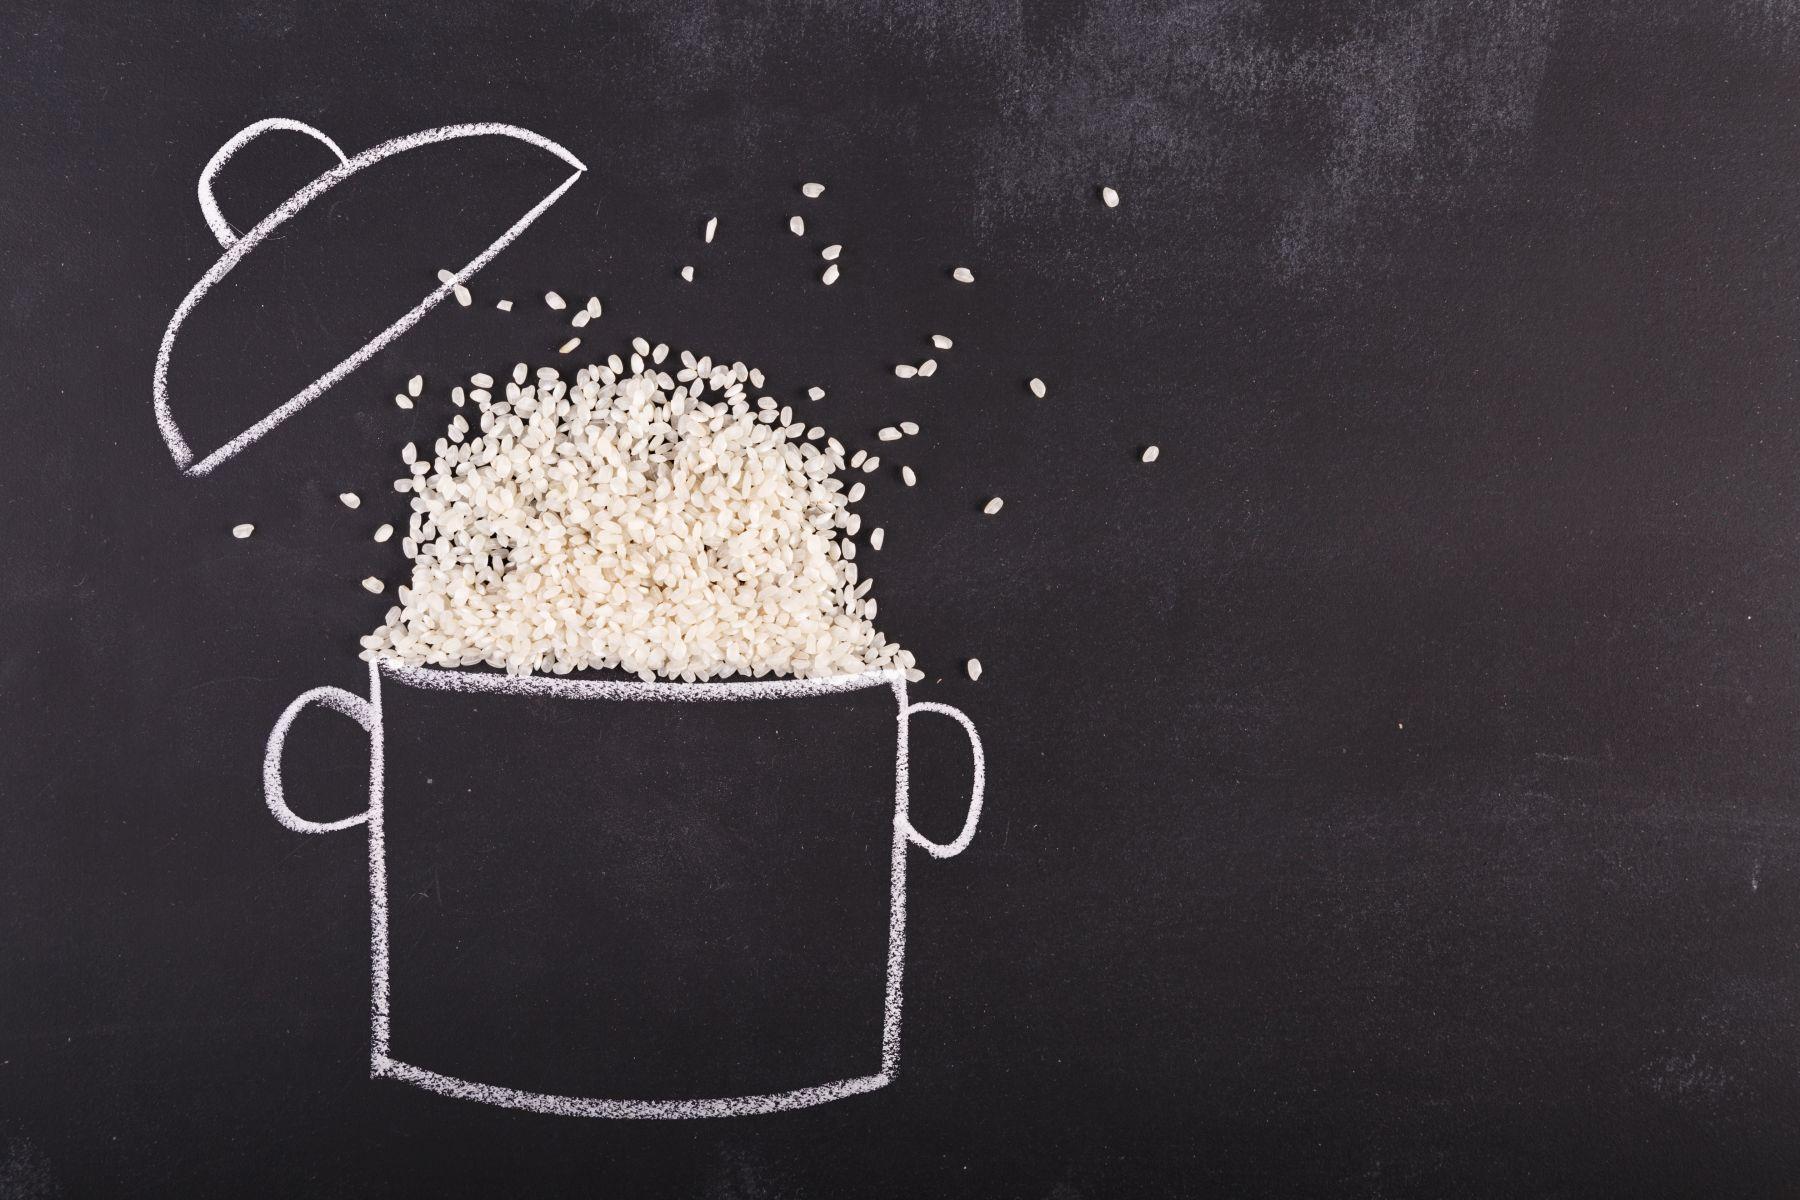 解開4個米飯迷思 糙米比白米好?糖尿病患不能吃稀飯?